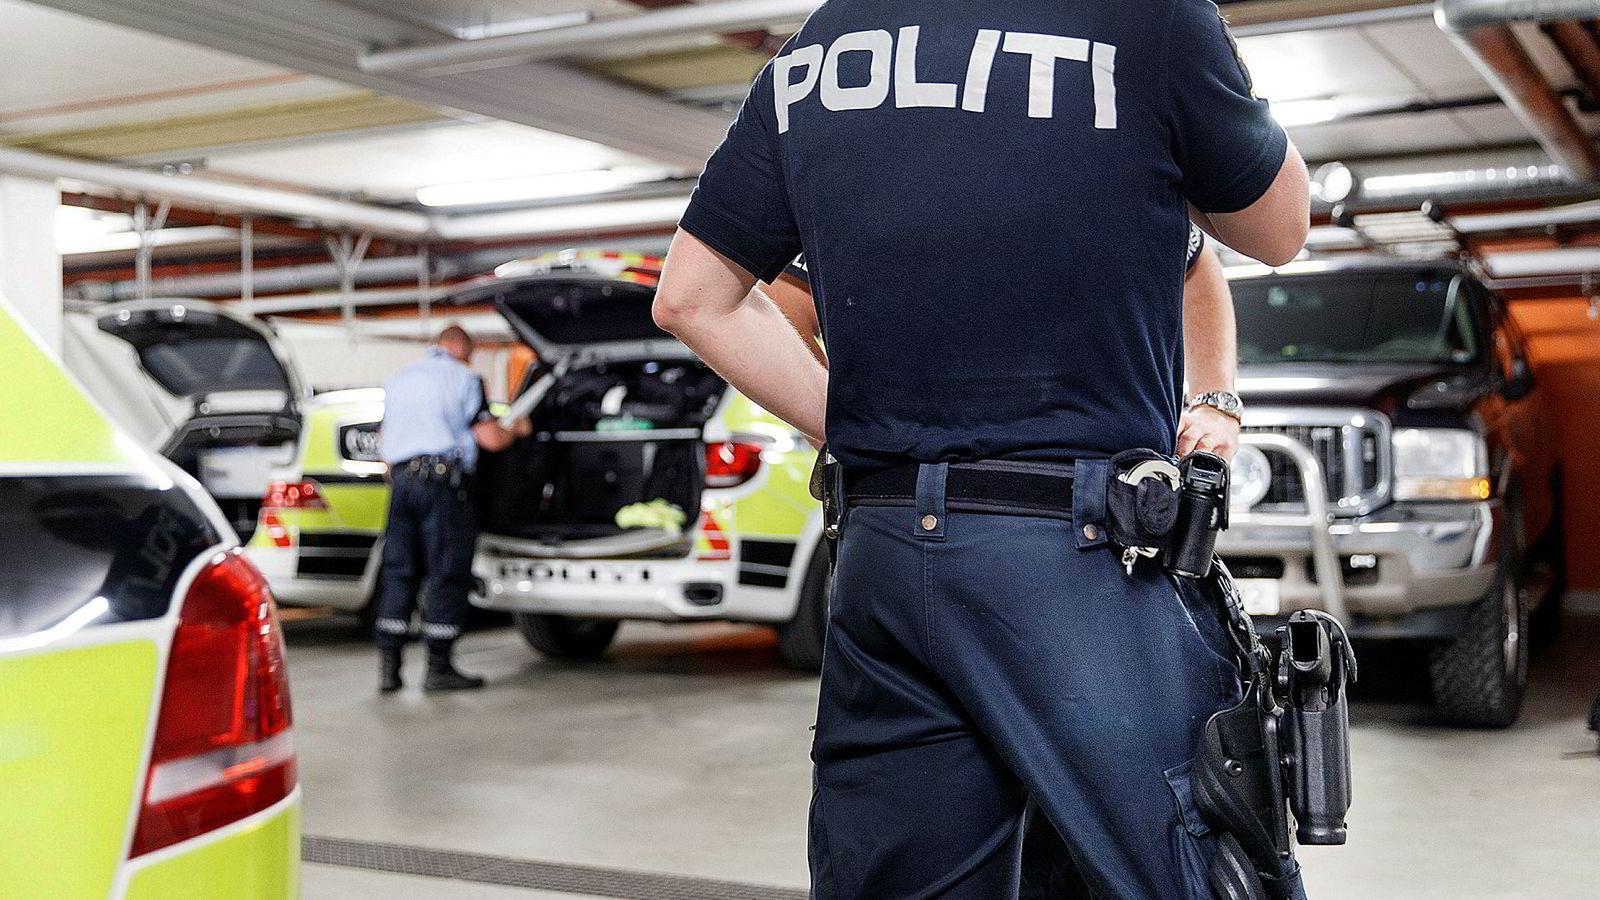 En konsekvens er at det ventes mye i norsk politi. Det ventes på ressurser og viktige avklaringer. Det fører til beslutningsvegring, frustrasjon og oppgitthet. Det gjør at ledere ikke får nødvendig myndighet til å lede, noe vi vet er en suksessfaktor for gjennomføring av reformer.